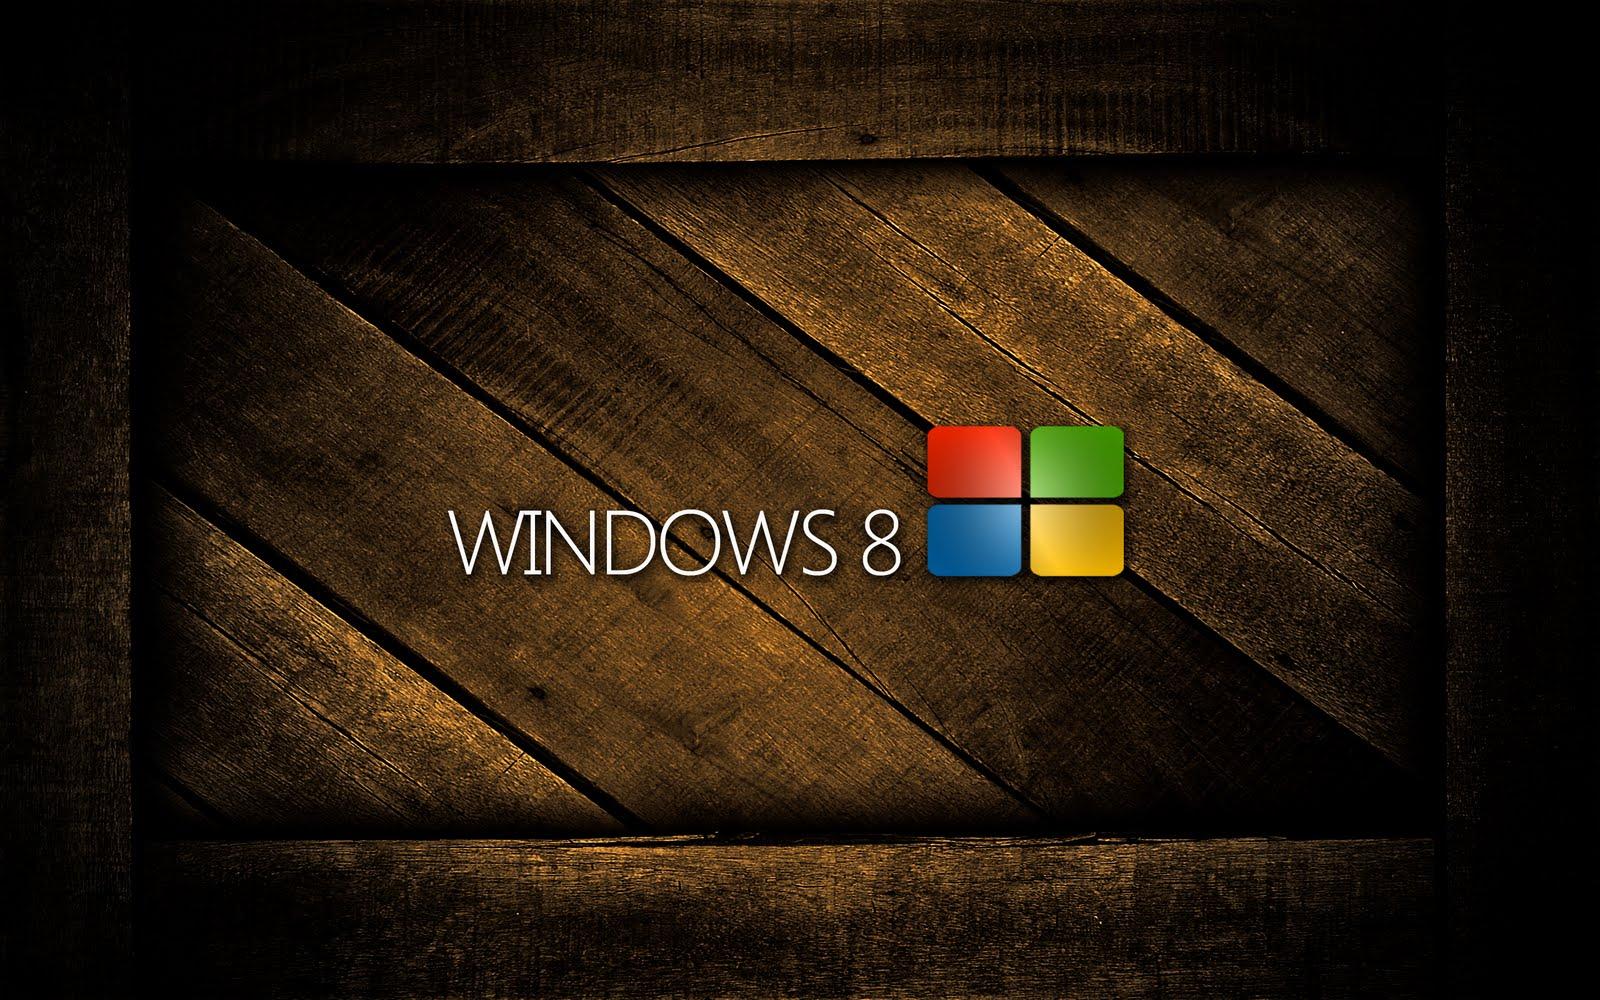 http://4.bp.blogspot.com/-x86nGgR0W0Y/Tn2HcXJOKXI/AAAAAAAADKg/tJG99fOLzz8/s1600/windows-8-wallpaper-official.jpg